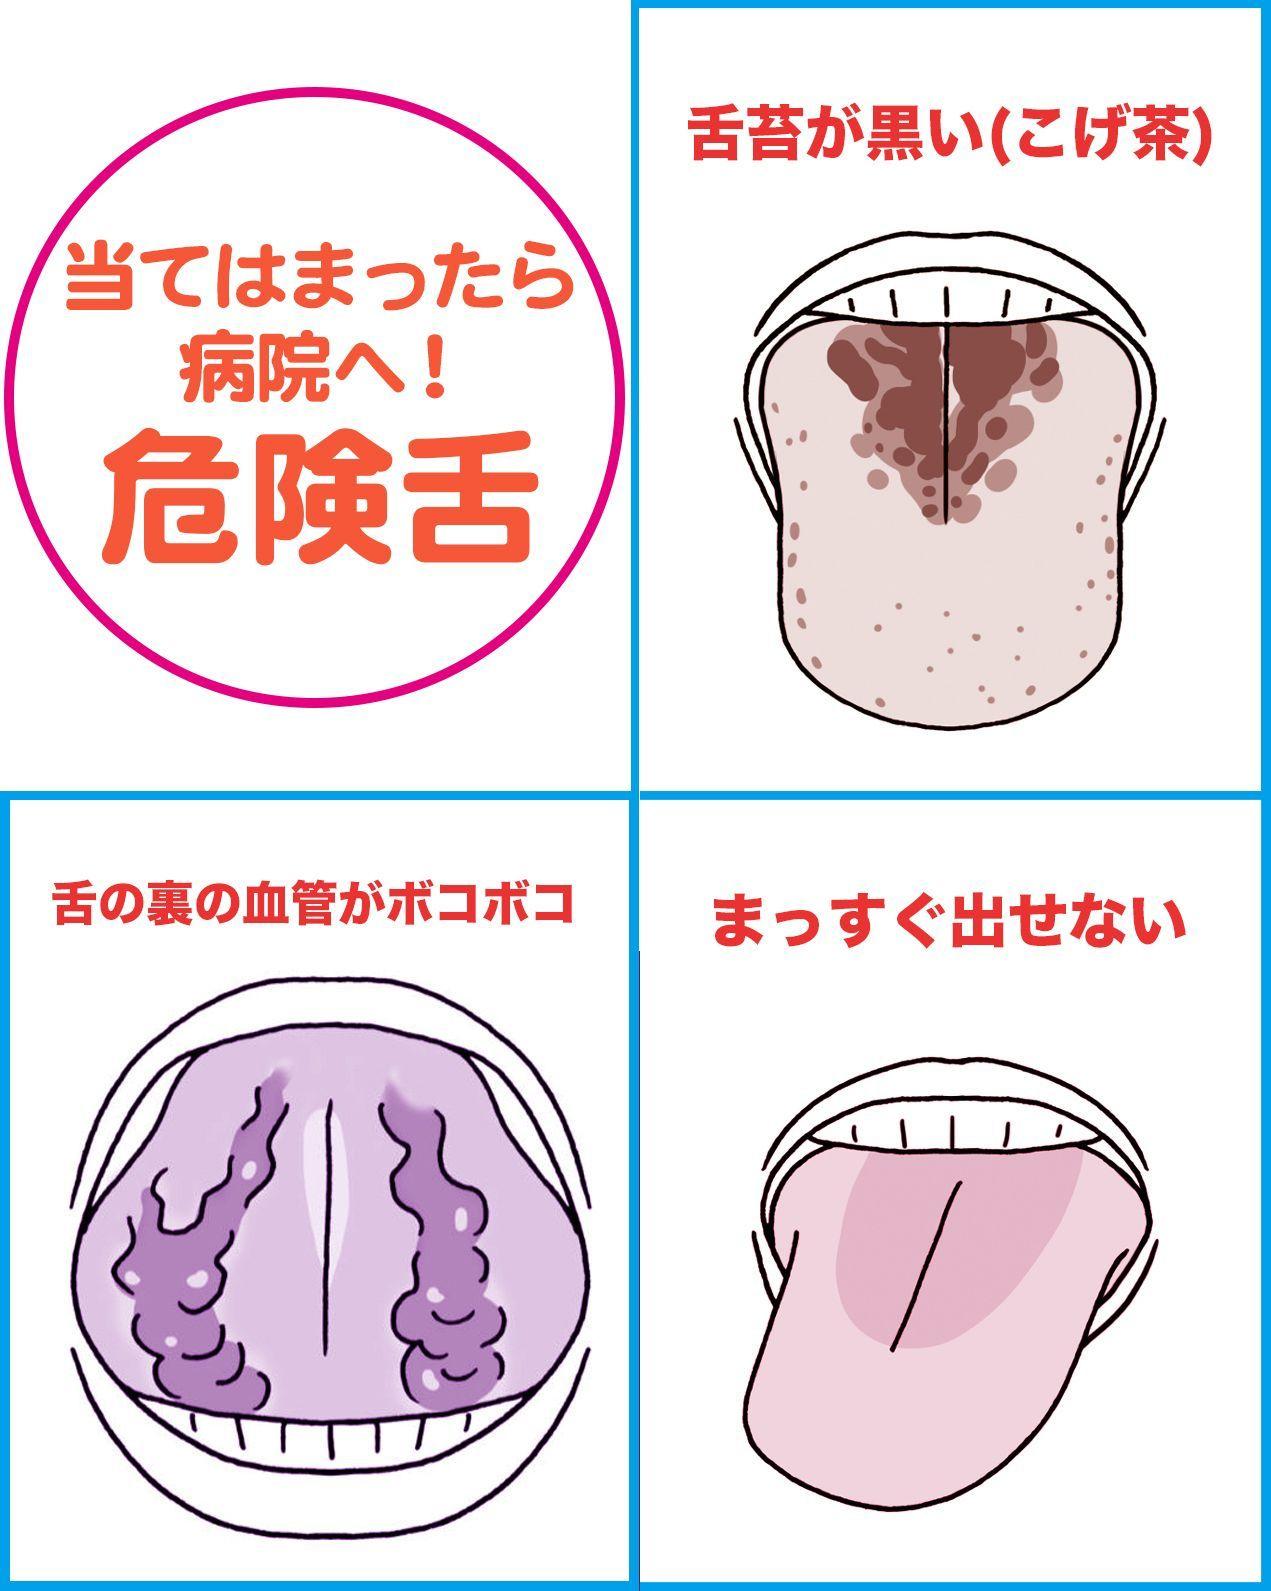 で を 結ぶ 紐 舌